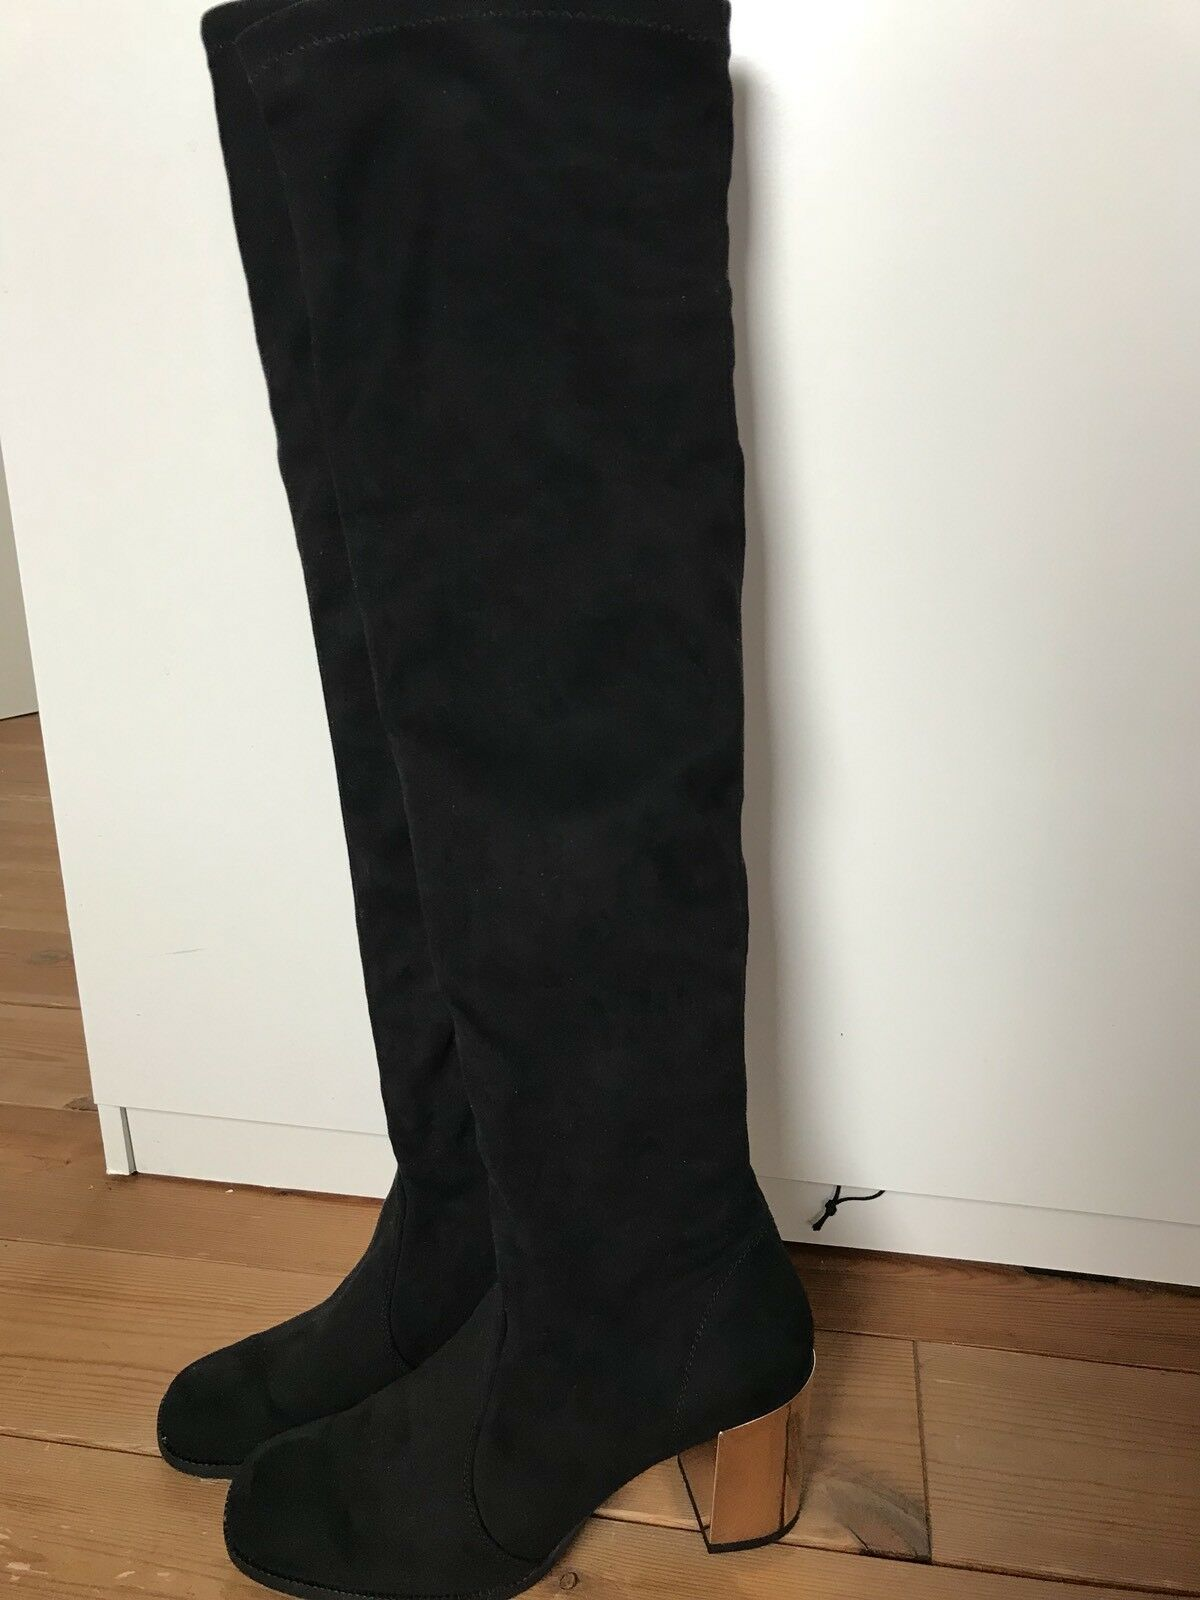 NR Rapizardi Firenze, stiefel, overknee, schwarz gr gr gr 39, made in  e4ad6c